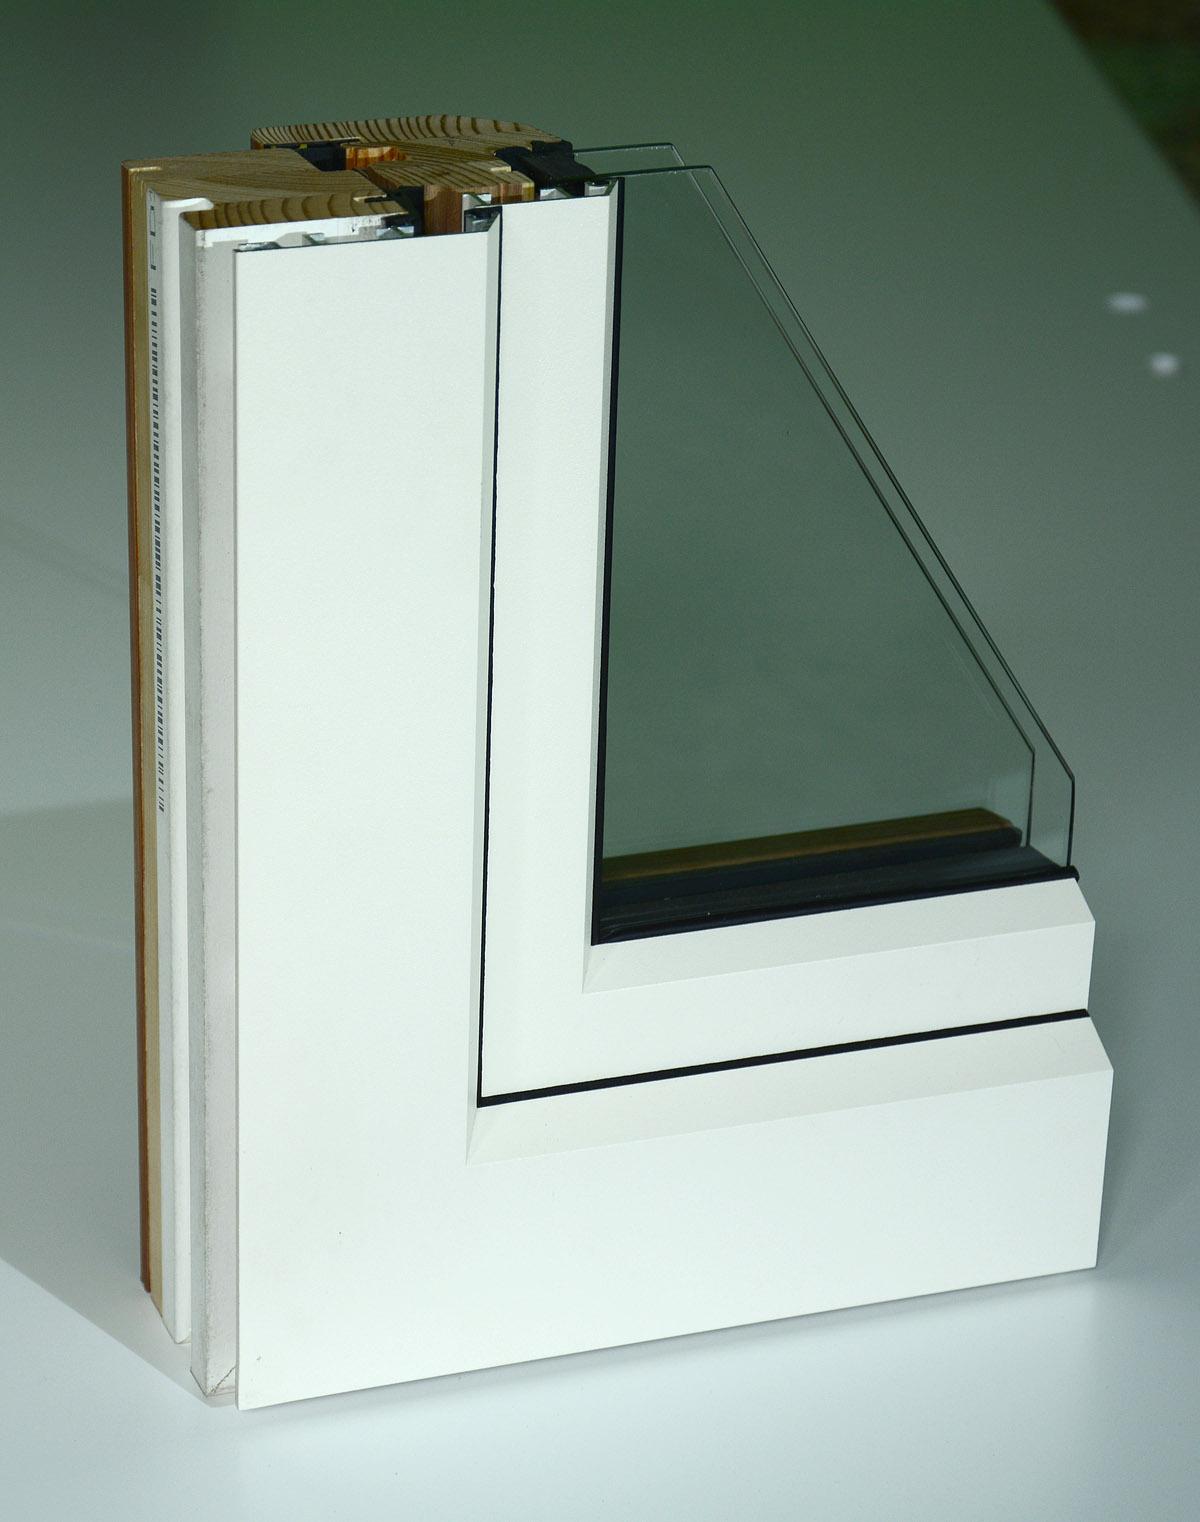 Finestre in legno alluminio energy3 energy3 - Finestra interna ...